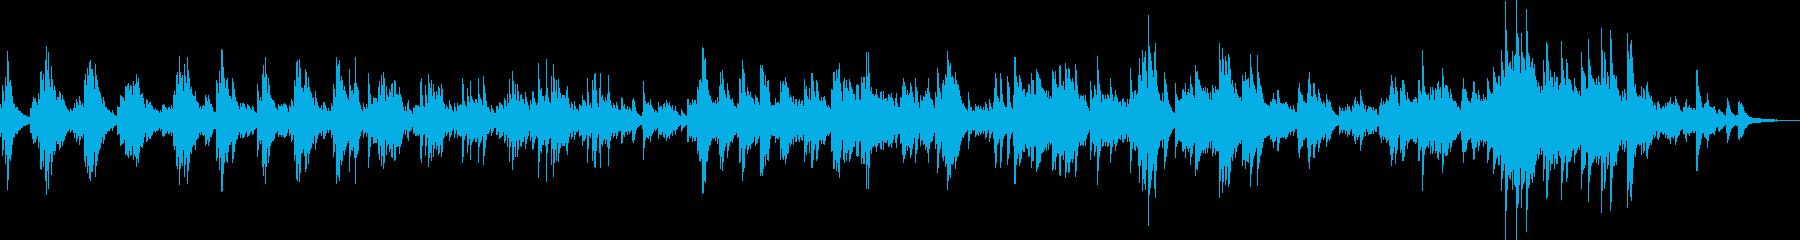 悲劇的なピアノソロ曲の再生済みの波形